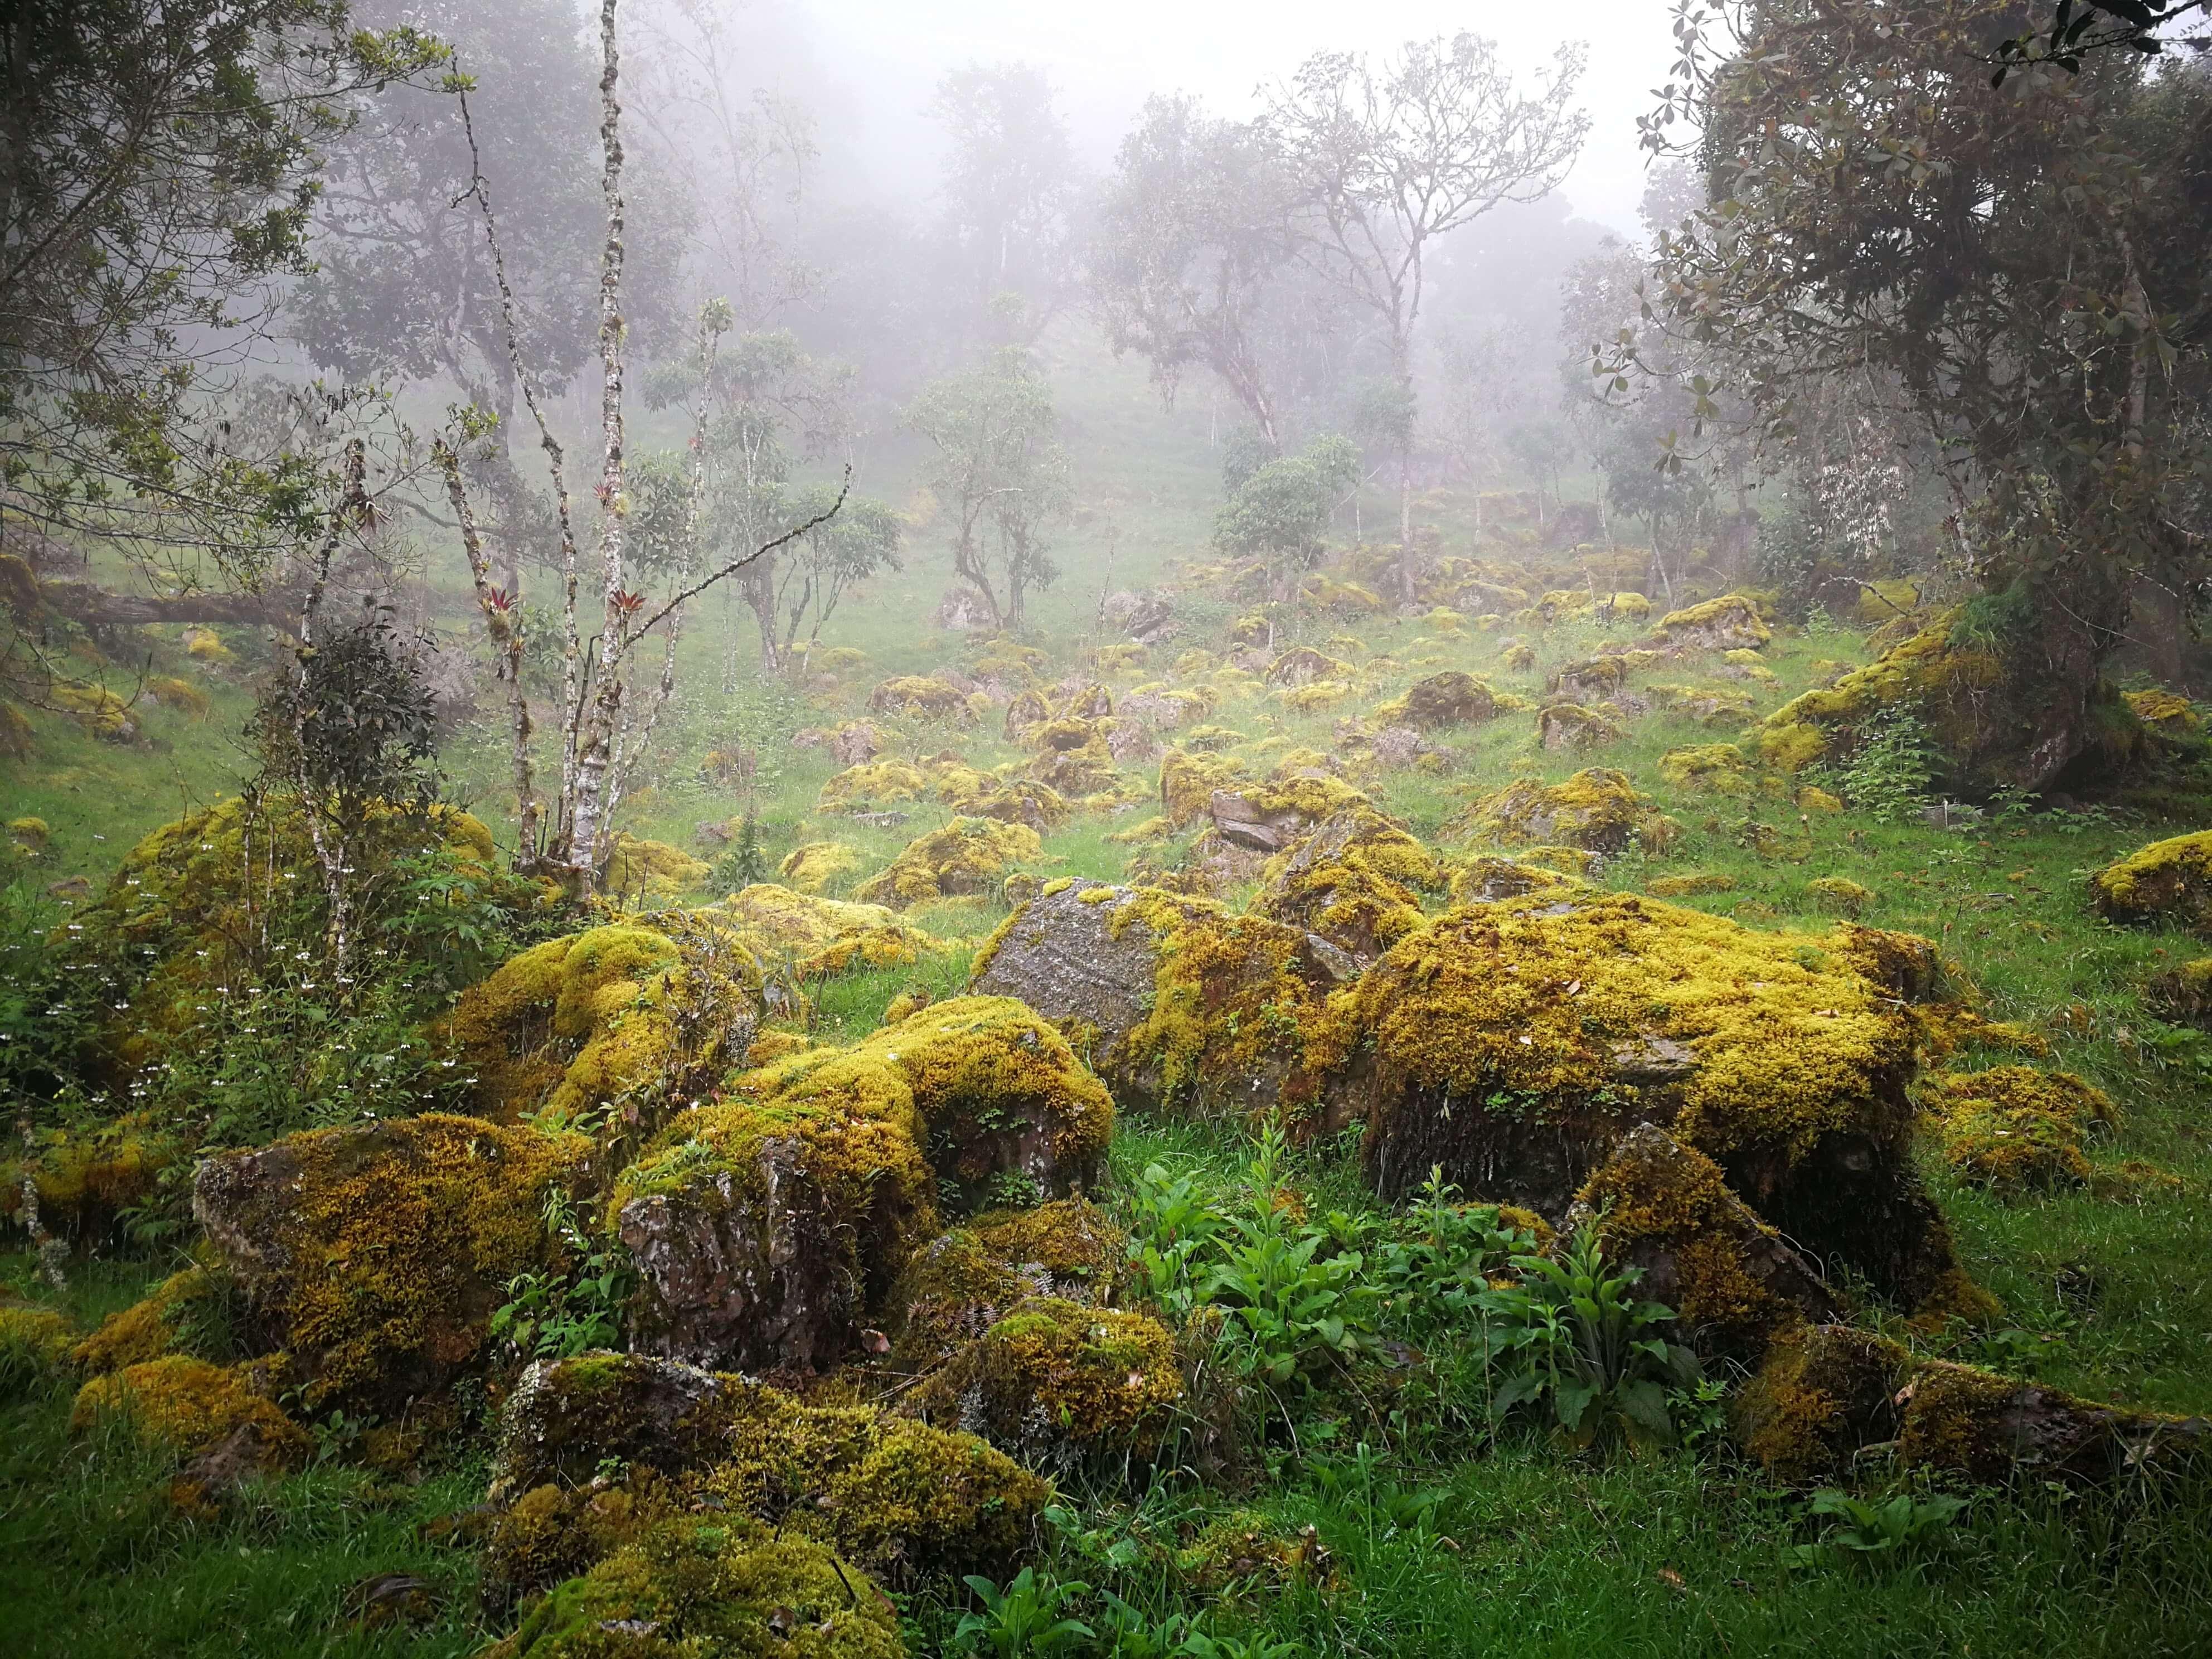 Mlžný les - Cloud forest